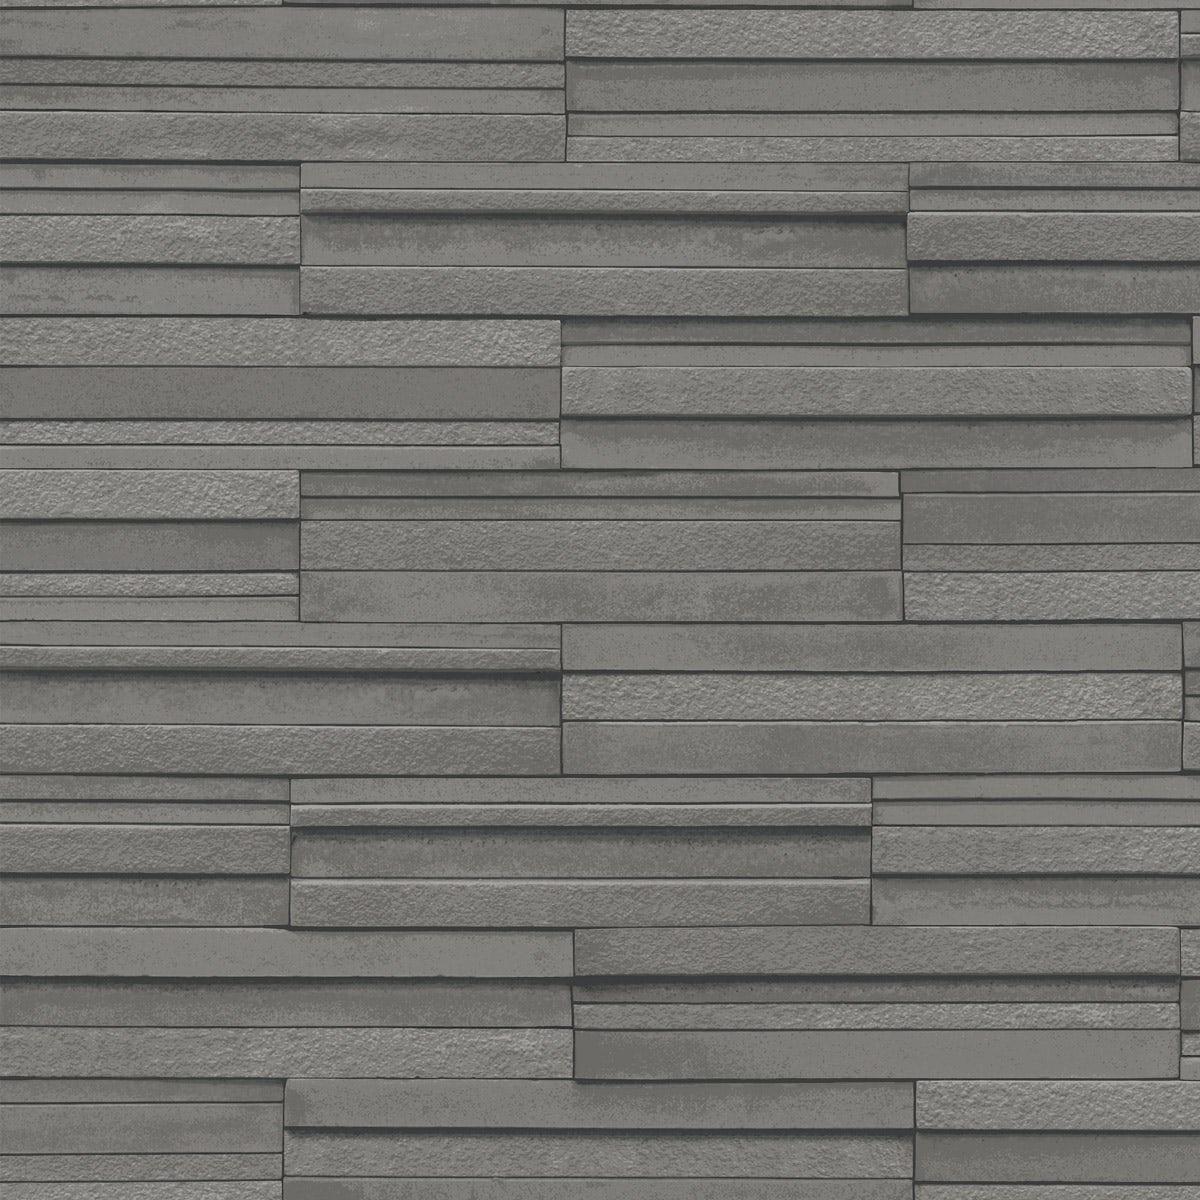 Ceramica Slate Tile - Slate